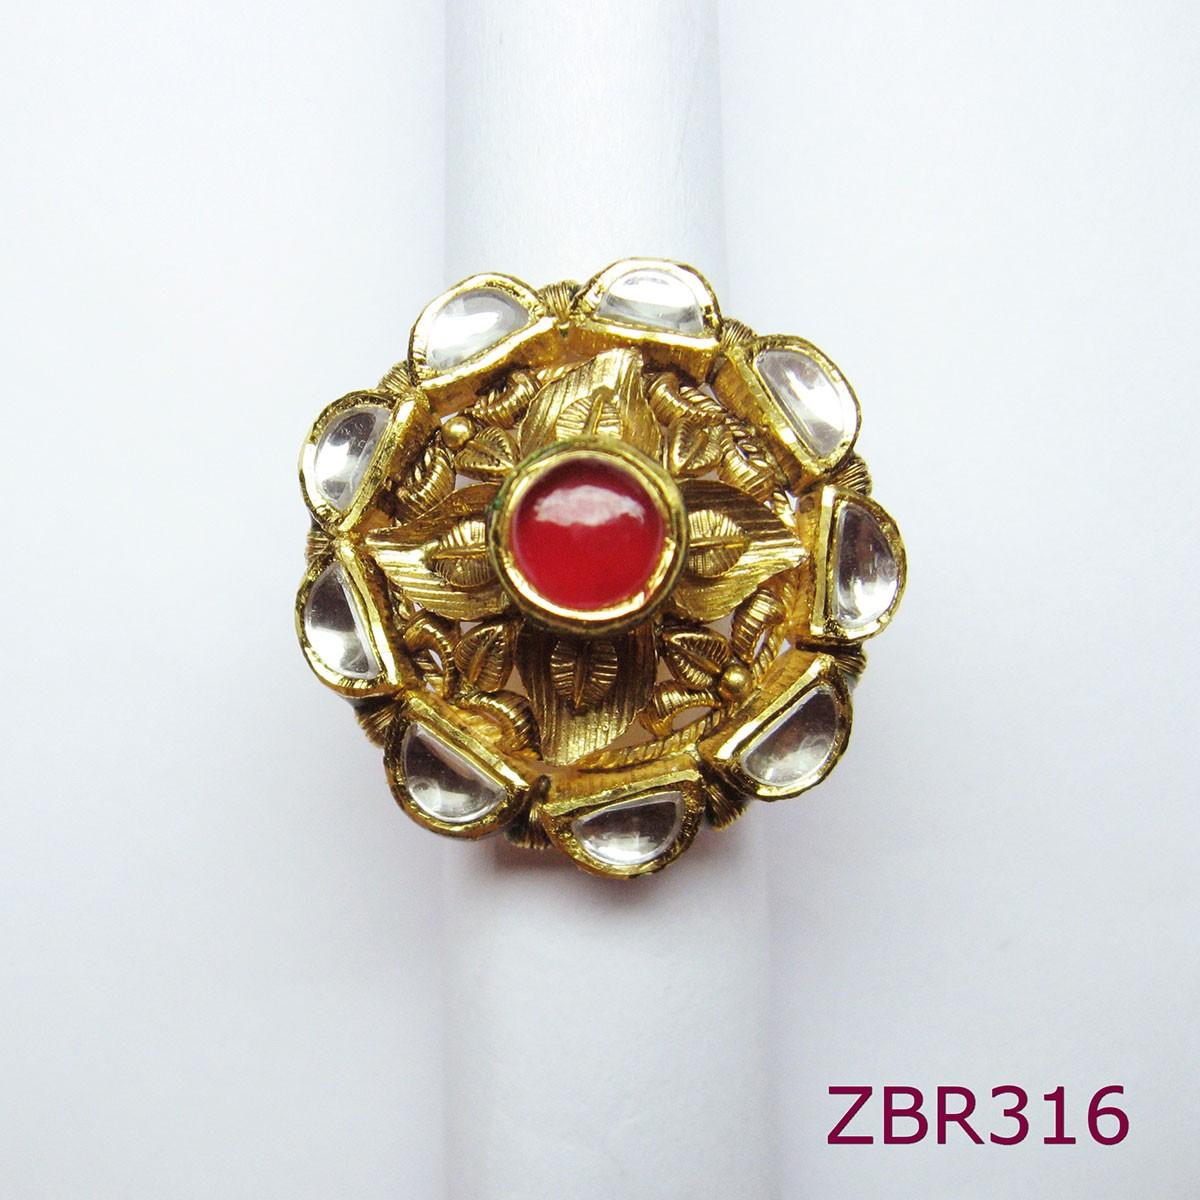 ZBR316